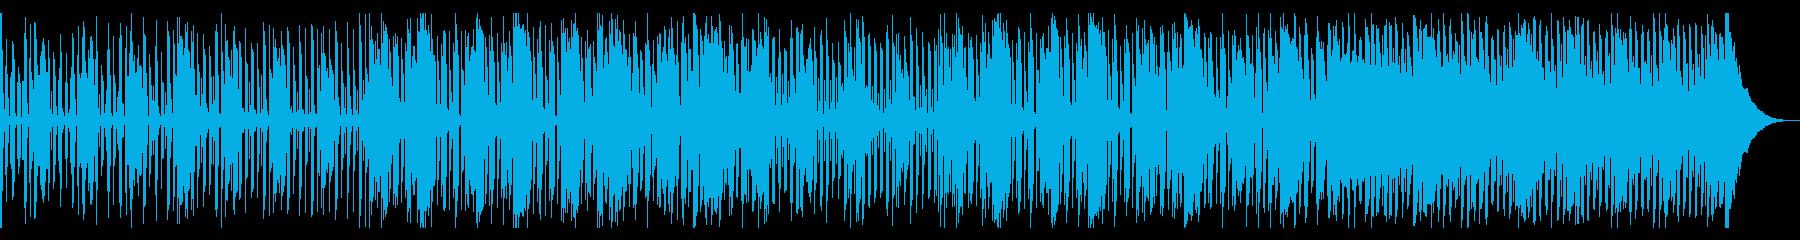 クリーンギターで南国の風情の再生済みの波形